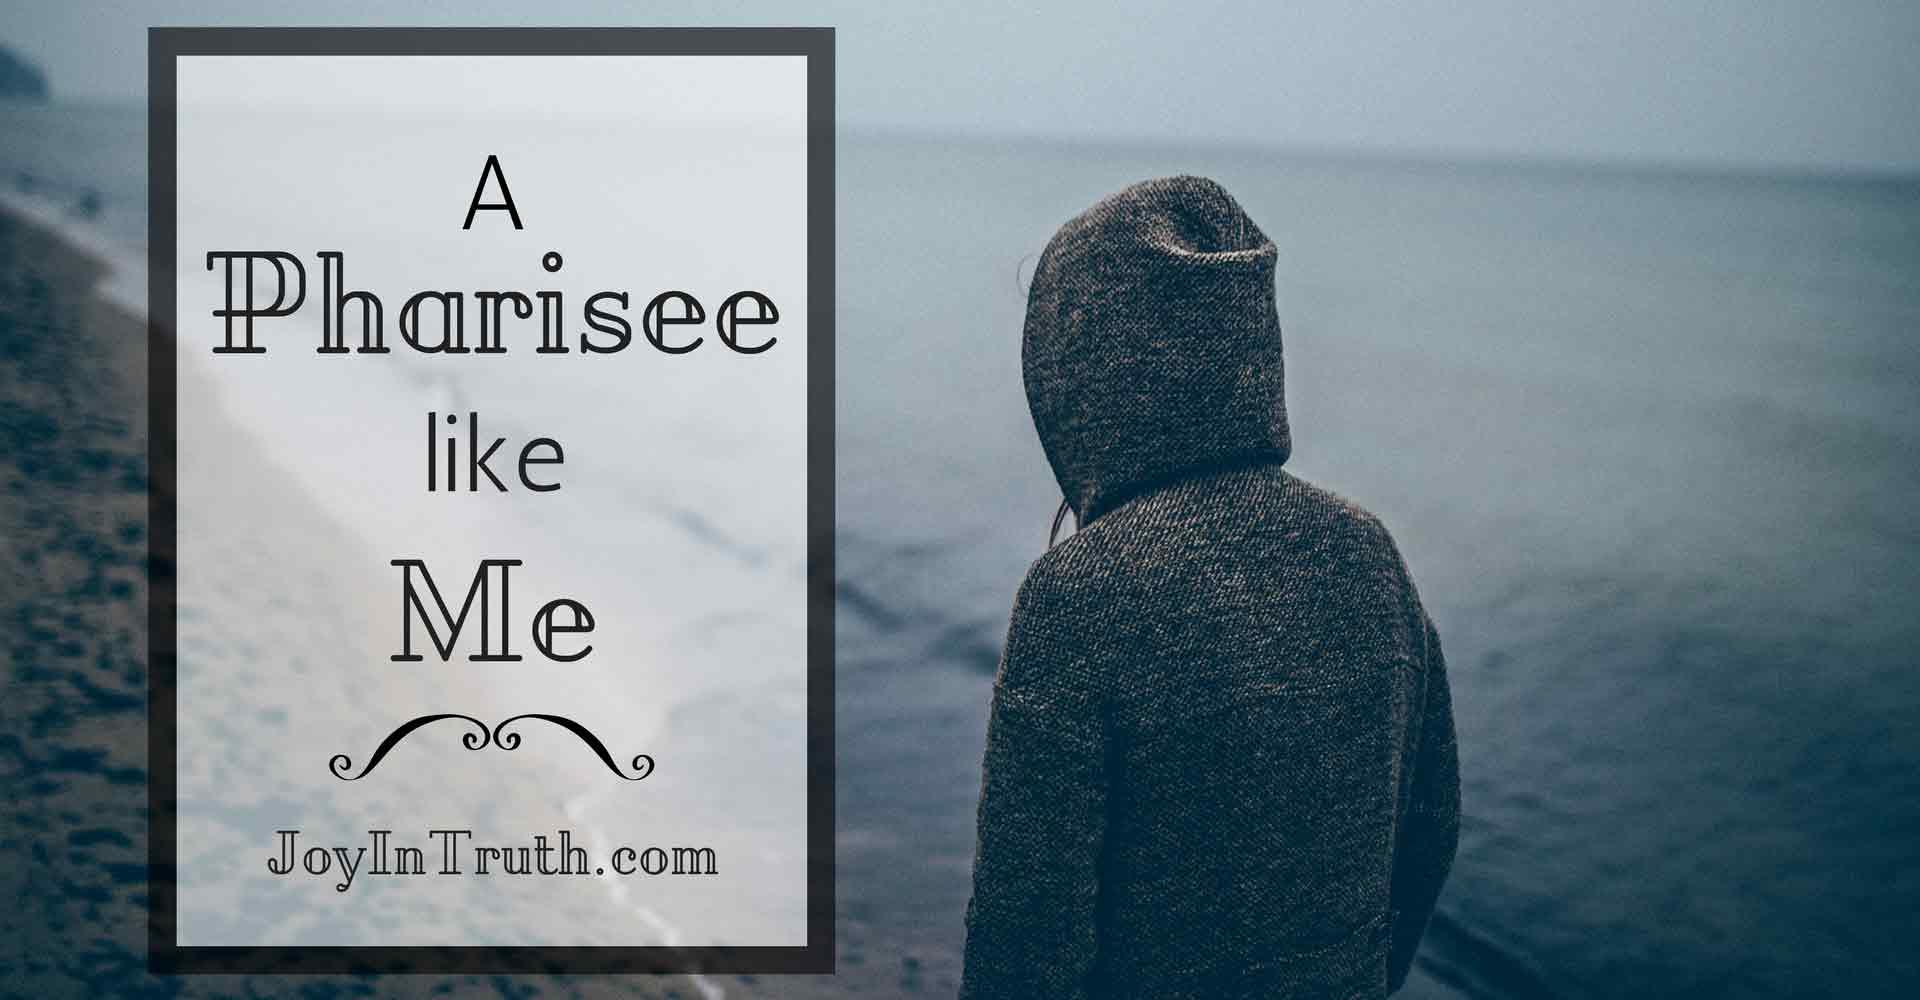 A Pharisee Like Me